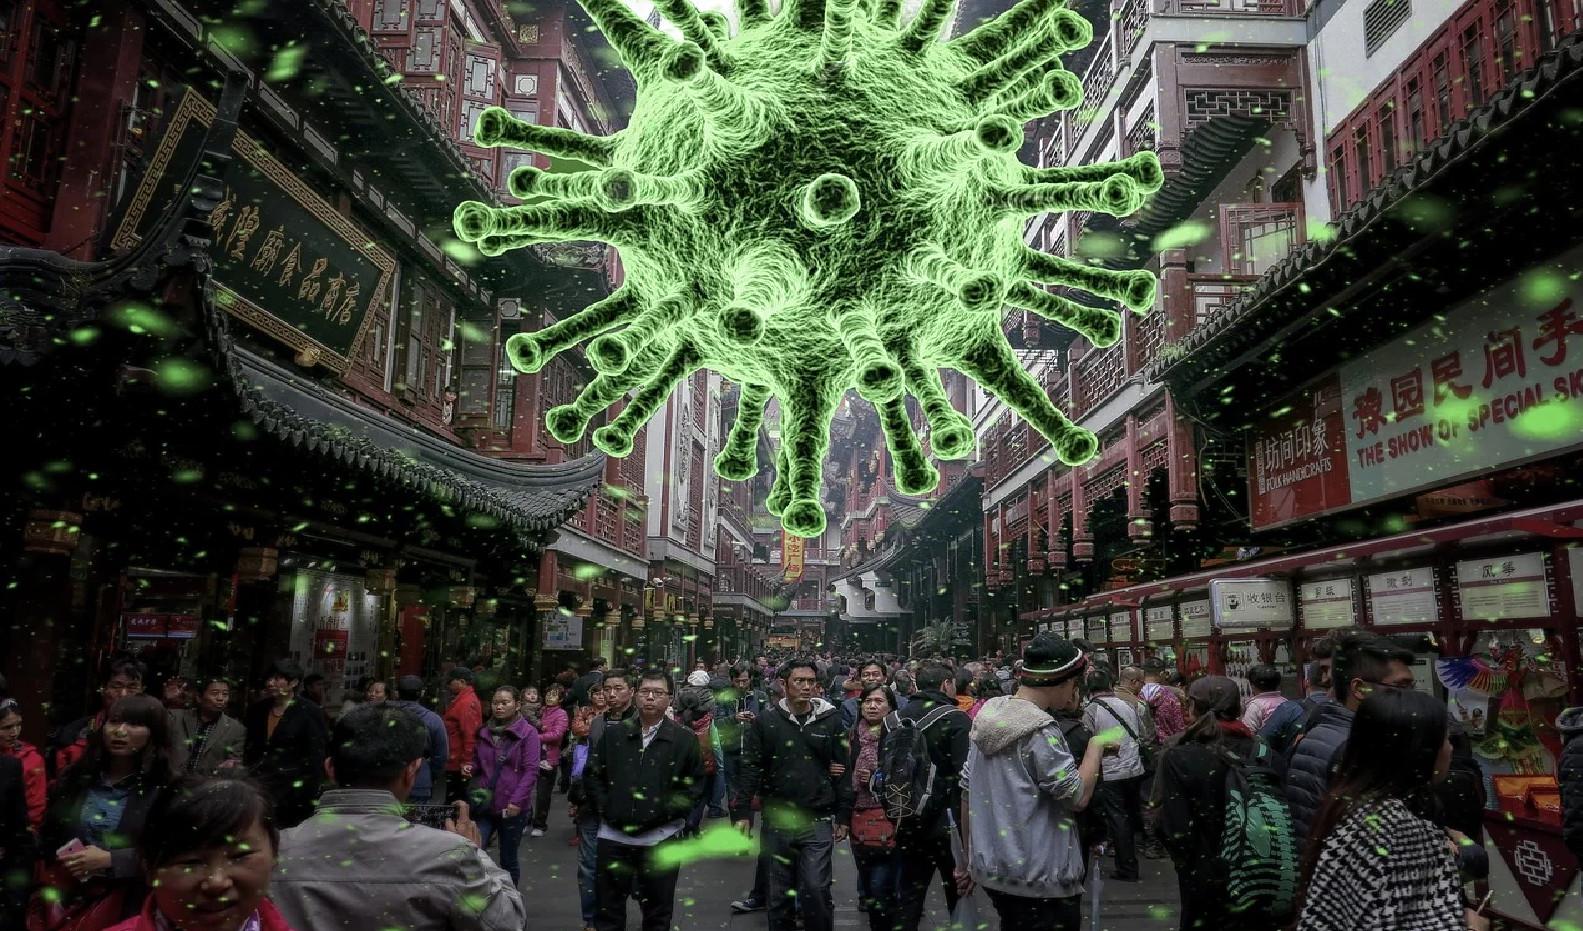 Cho đến nay, virus Vũ Hán đã lan rộng ra hầu hết các quốc gia trên thế giới, khiến hơn 3 triệu người nhiễm bệnh và hơn 211.000 người tử vong. (Ảnh qua NTDvn.com)